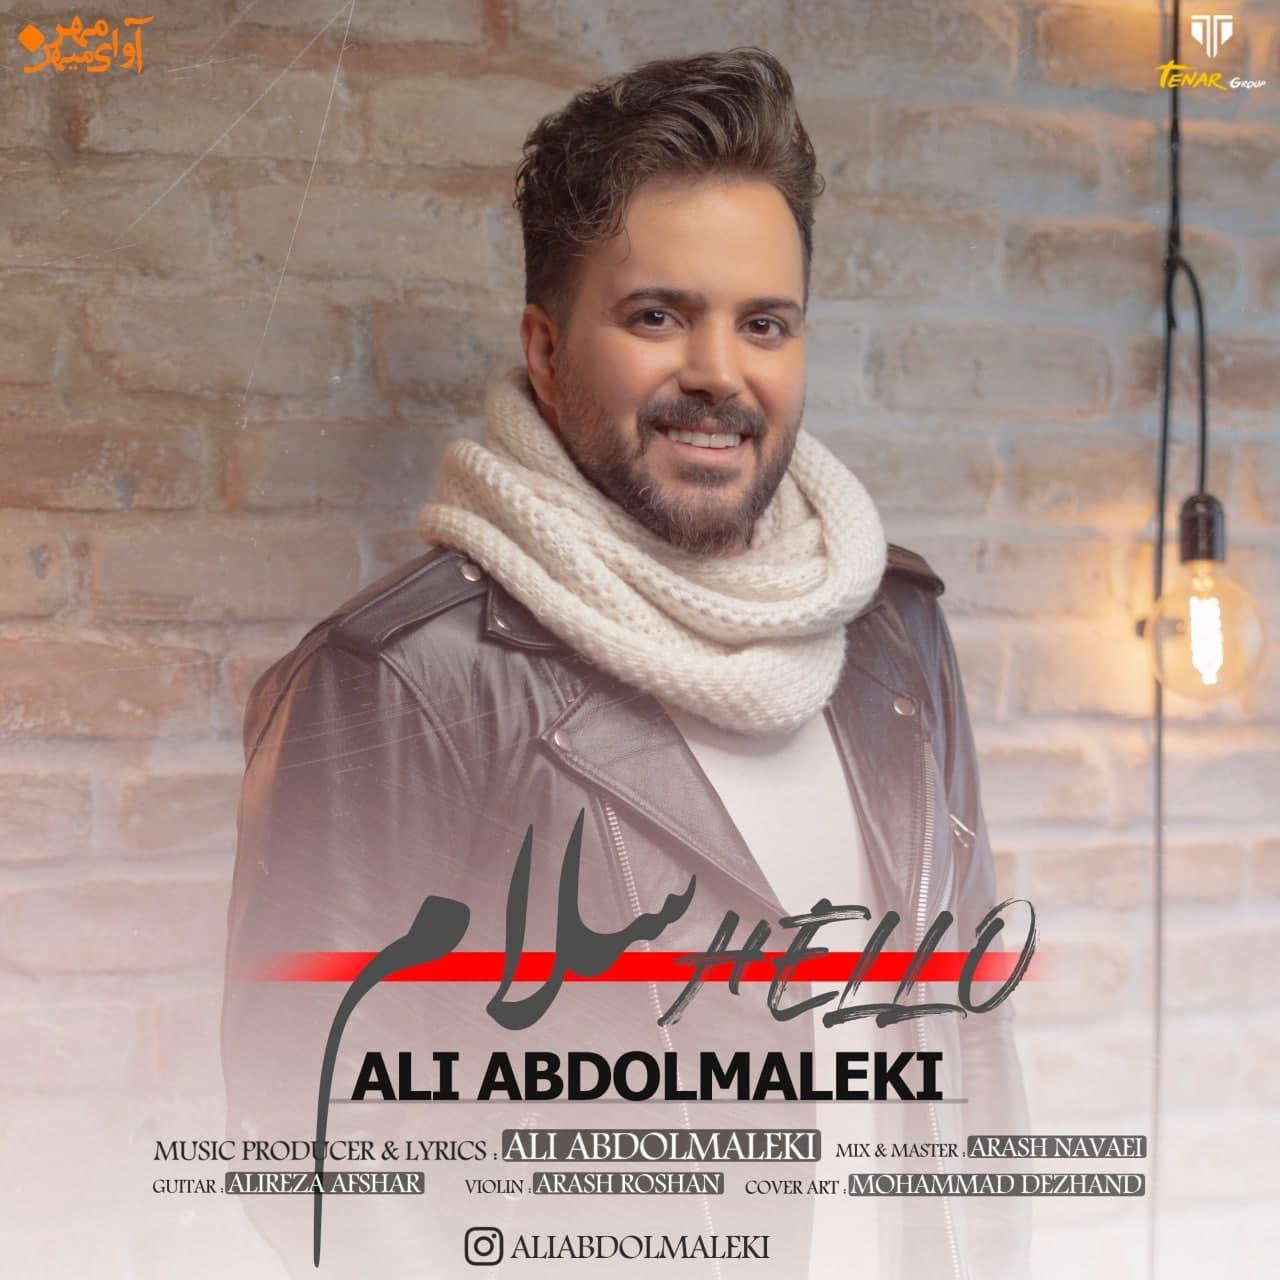 دانلود آهنگ جدید علی عبدالمالکی بنام سلام